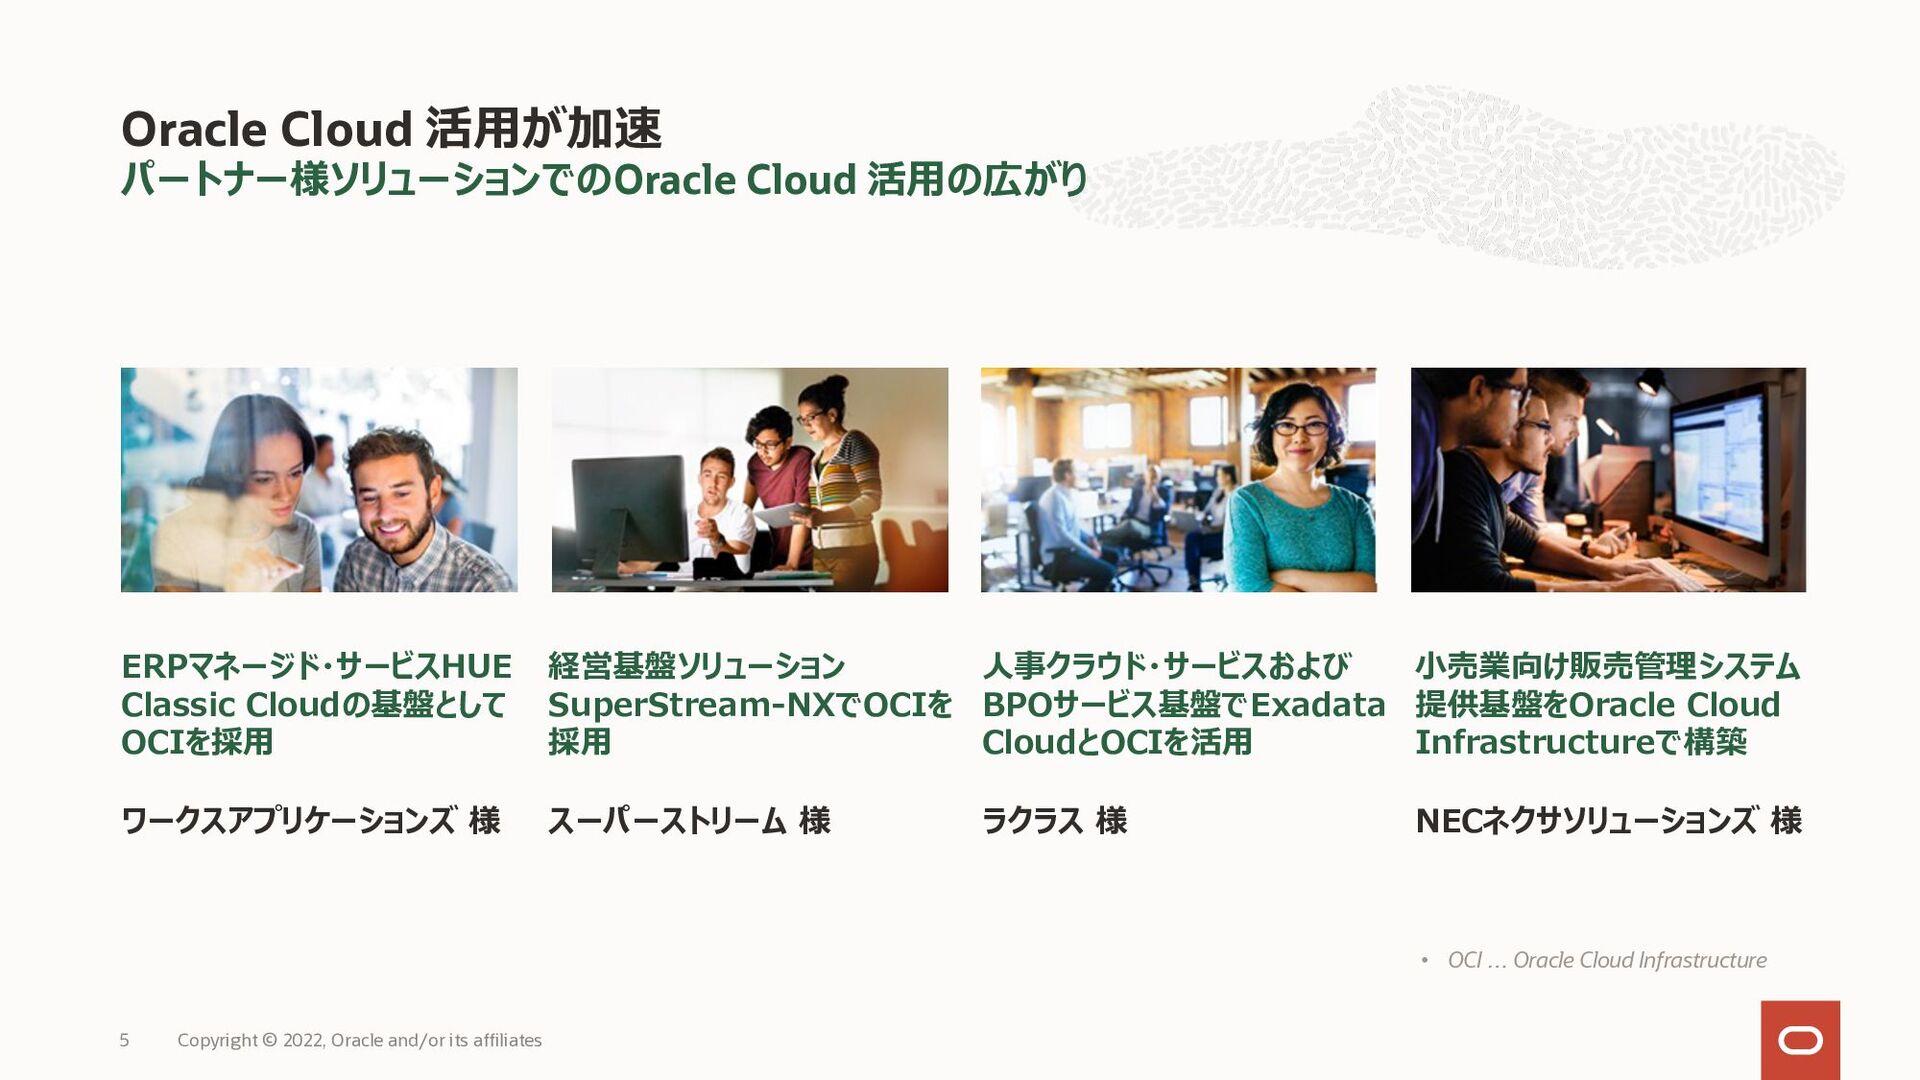 パートナー様ソリューションでのOracle Cloud 活⽤の広がり Oracle Cloud...